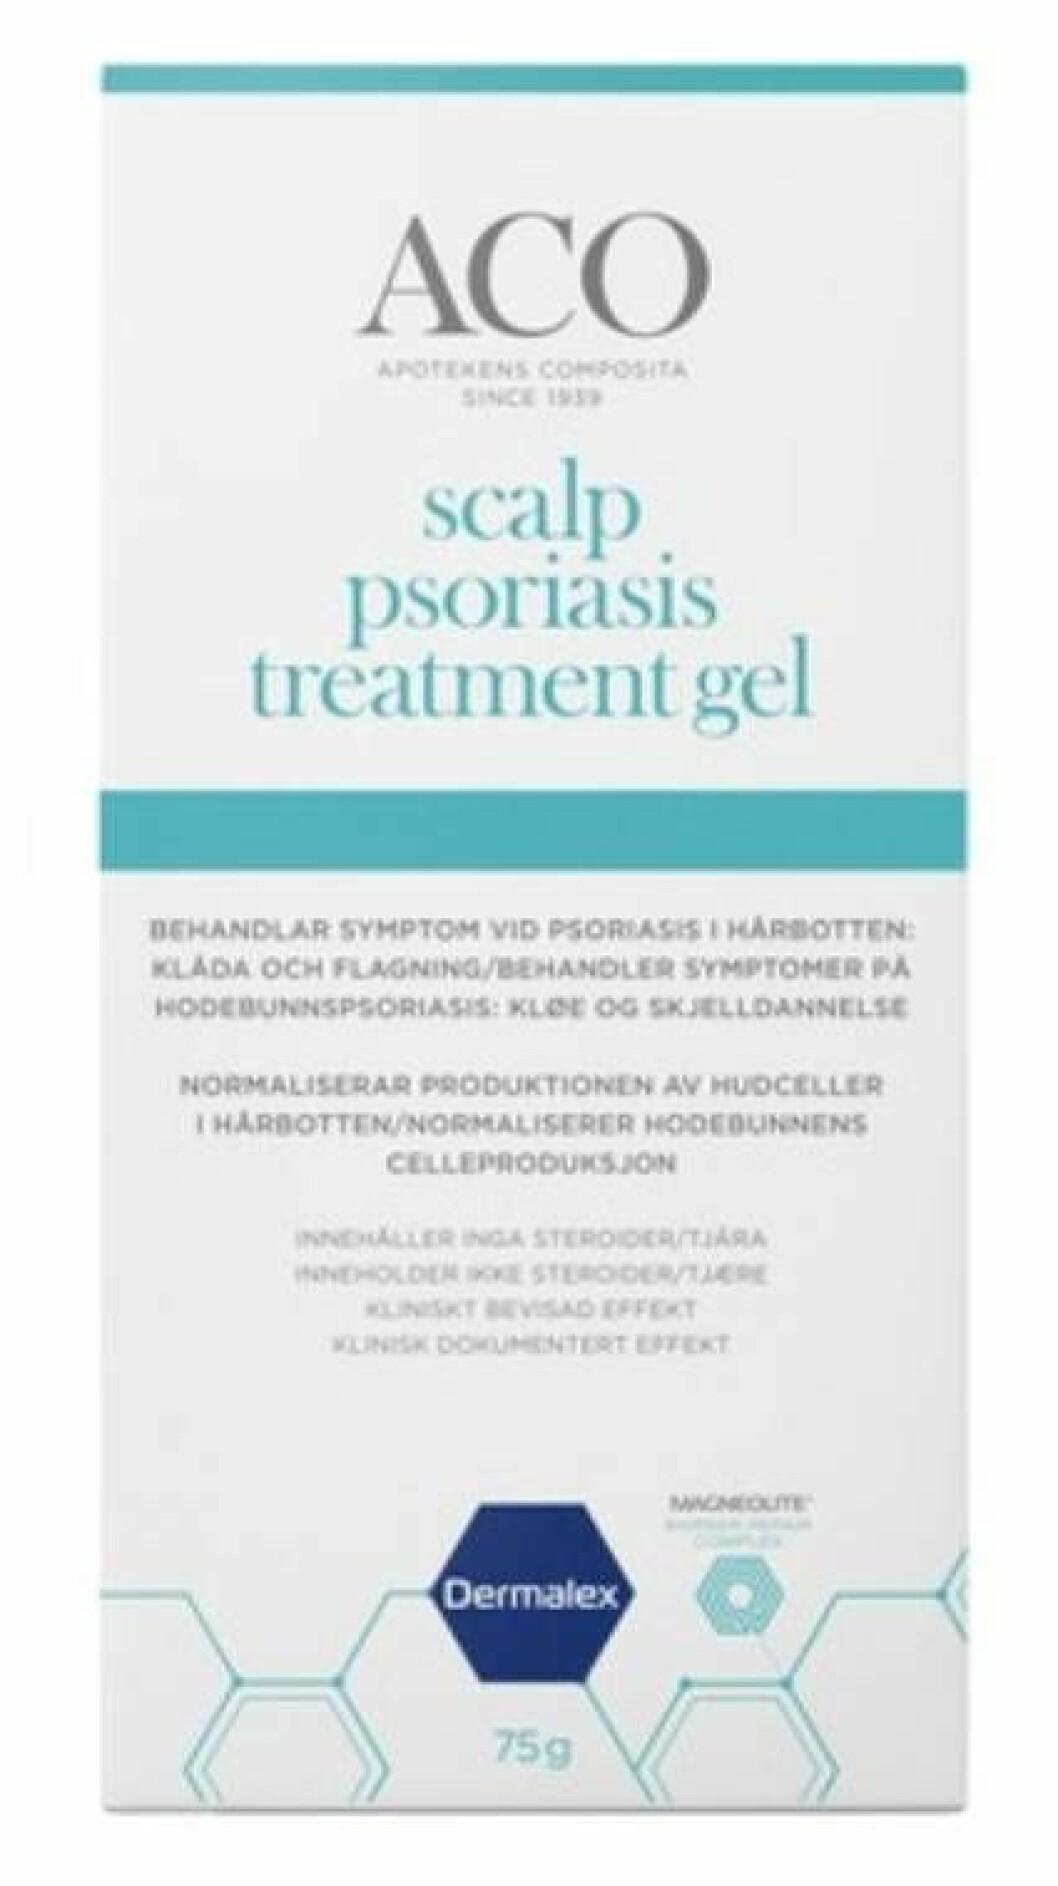 Schampo från ACO, mot psoriasis.